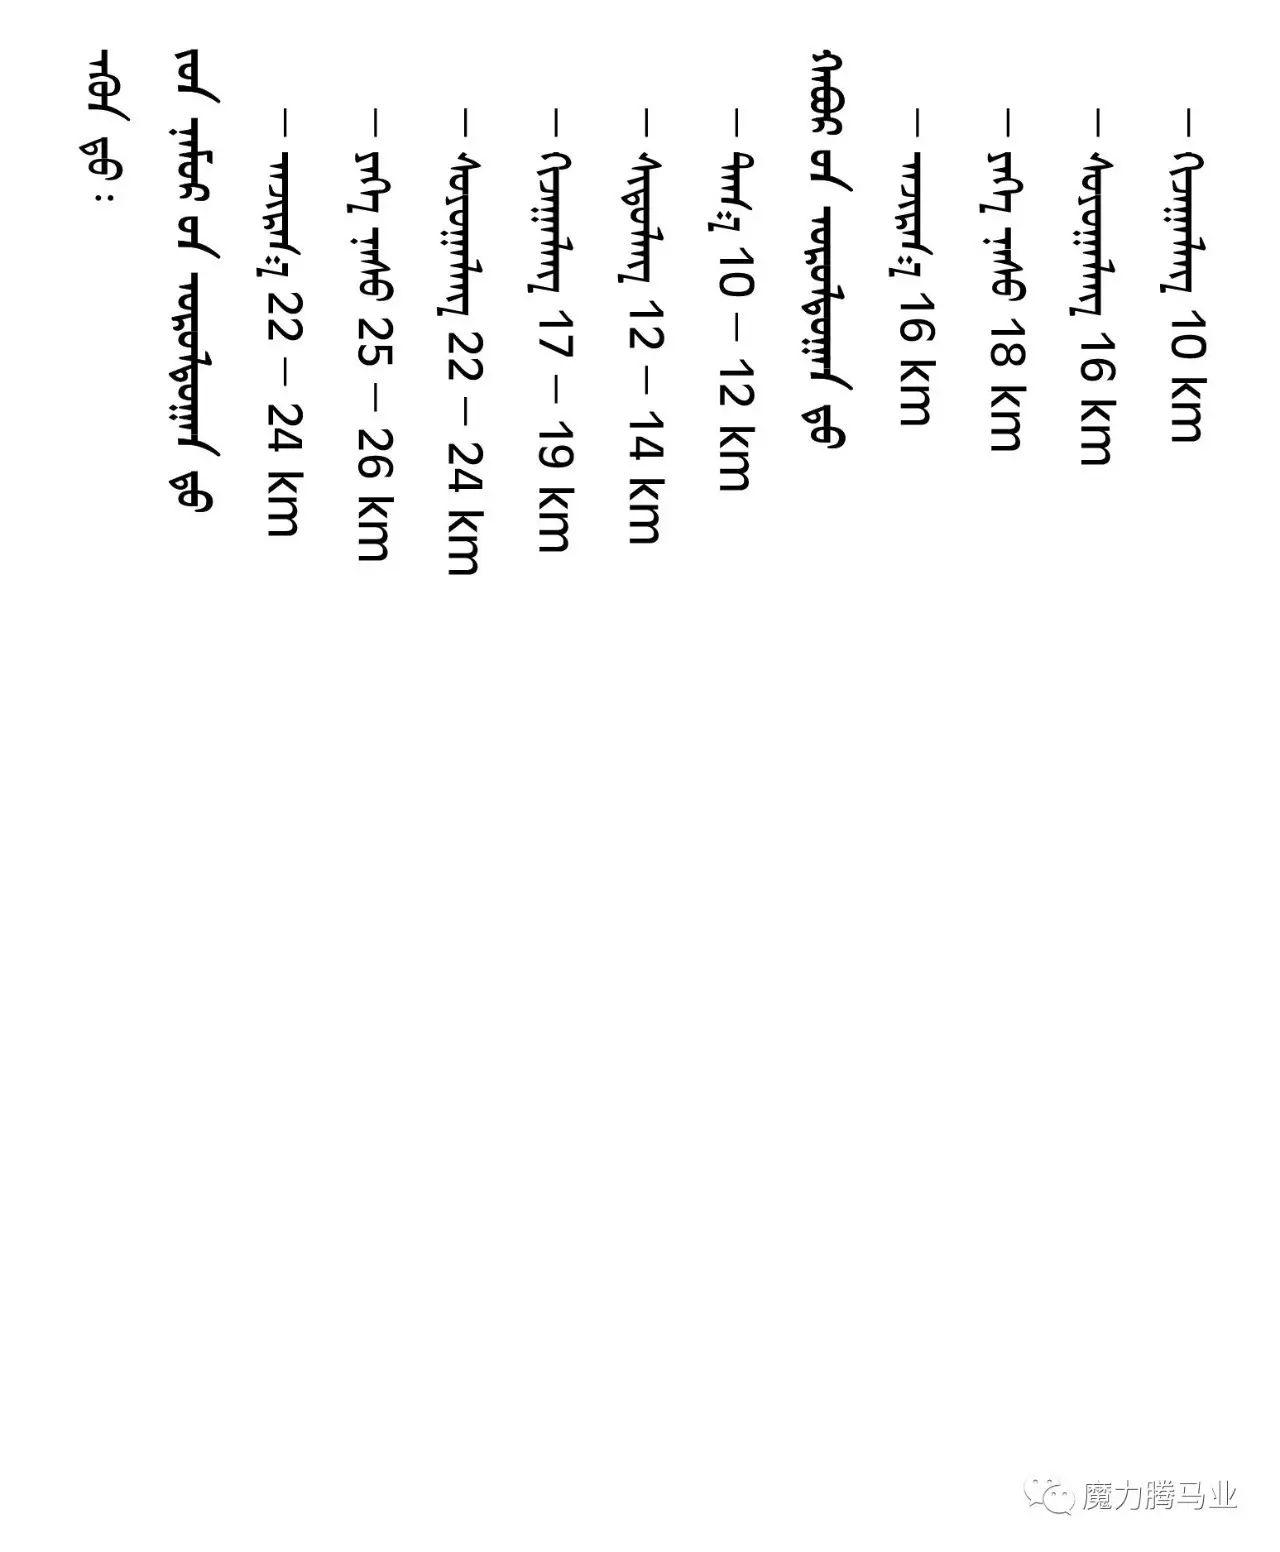 蒙古国赛马章程介绍 第21张 蒙古国赛马章程介绍 蒙古文库